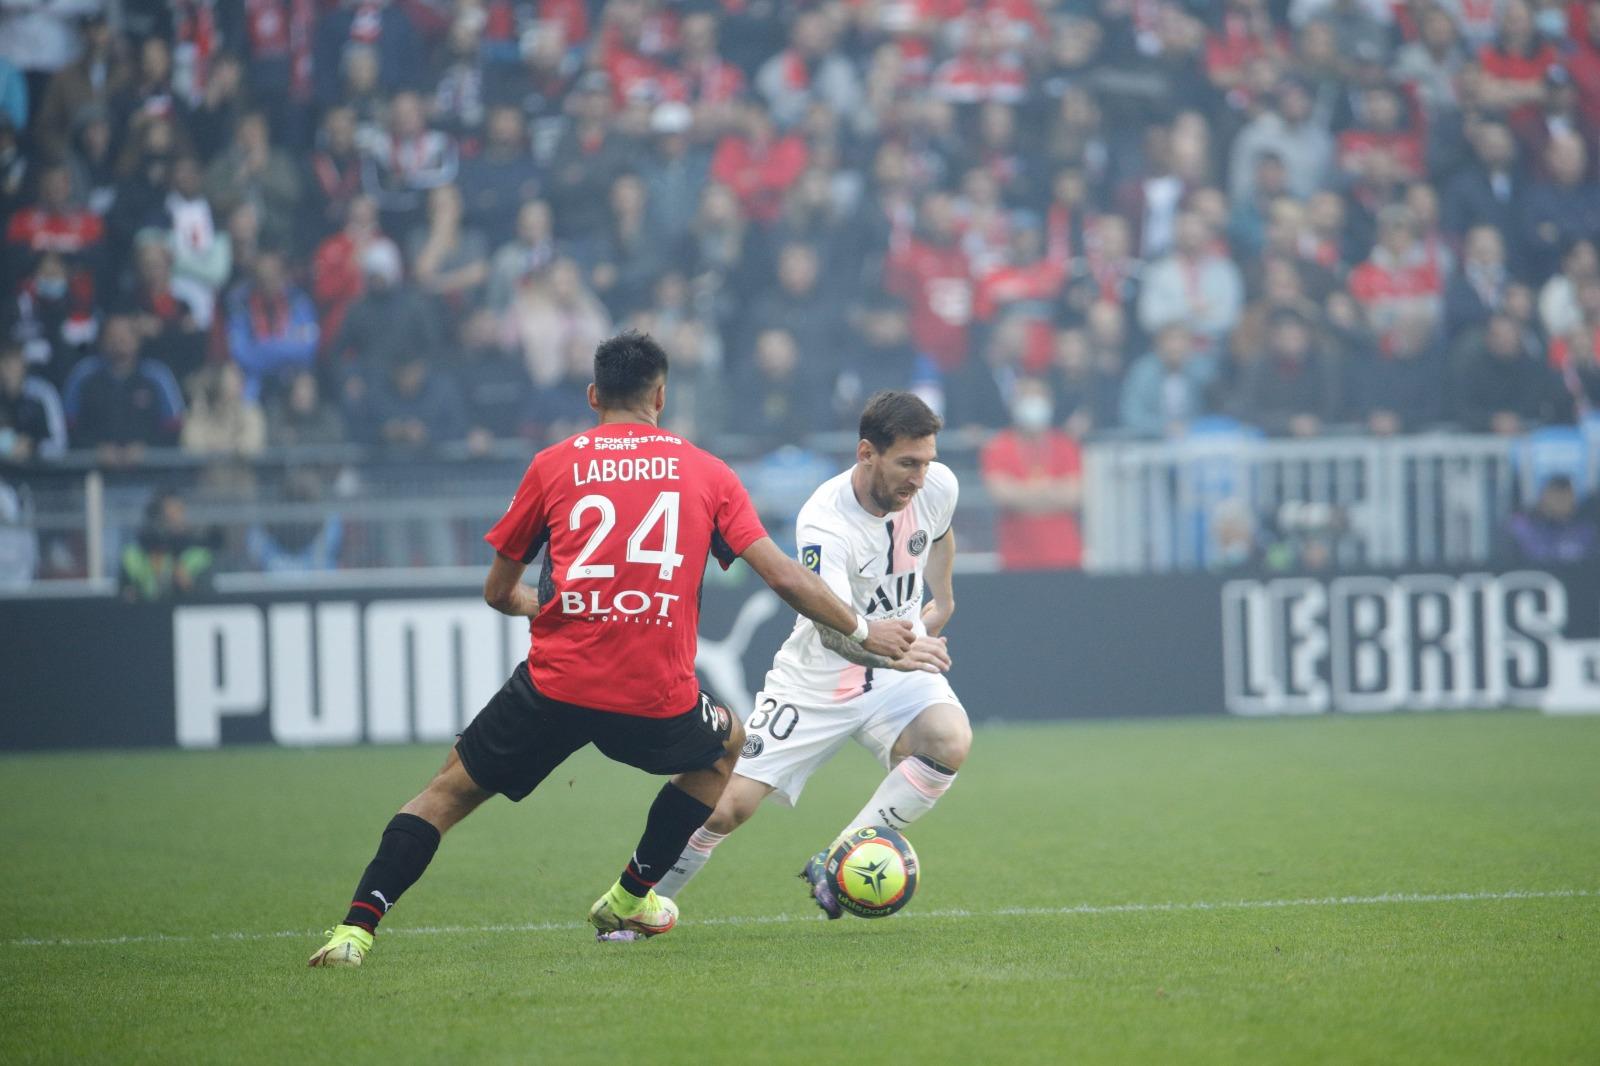 PSG pierde el invicto: caen 2-0 ante Rennes aun con el tridente 'de miedo'